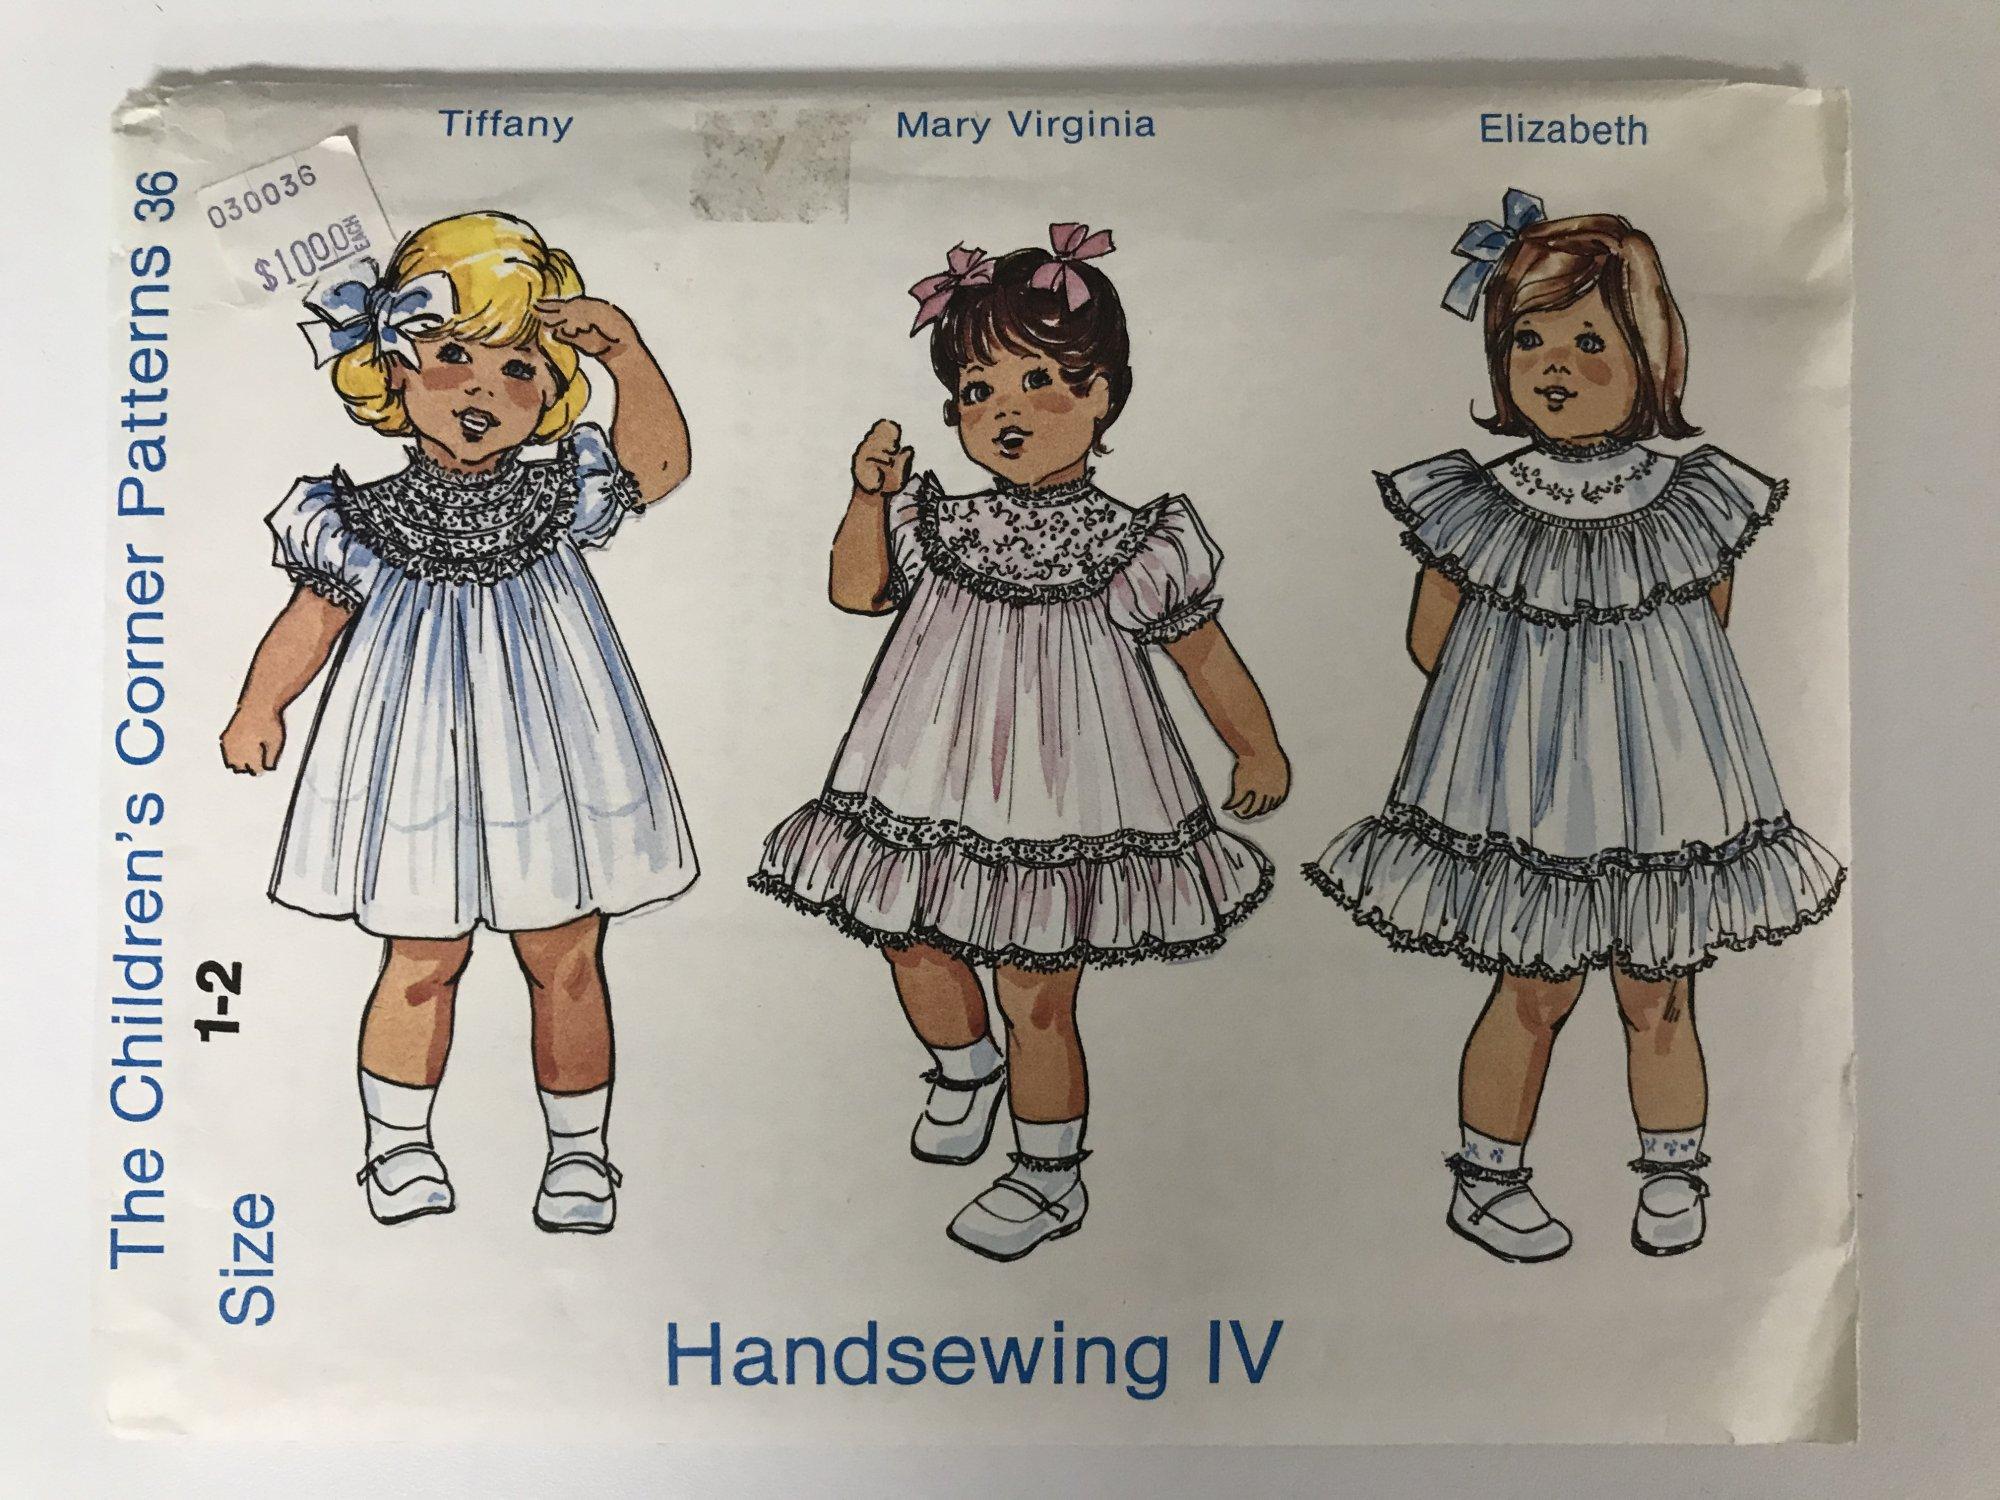 CHILDREN'S CORNER HANDSEWING IV